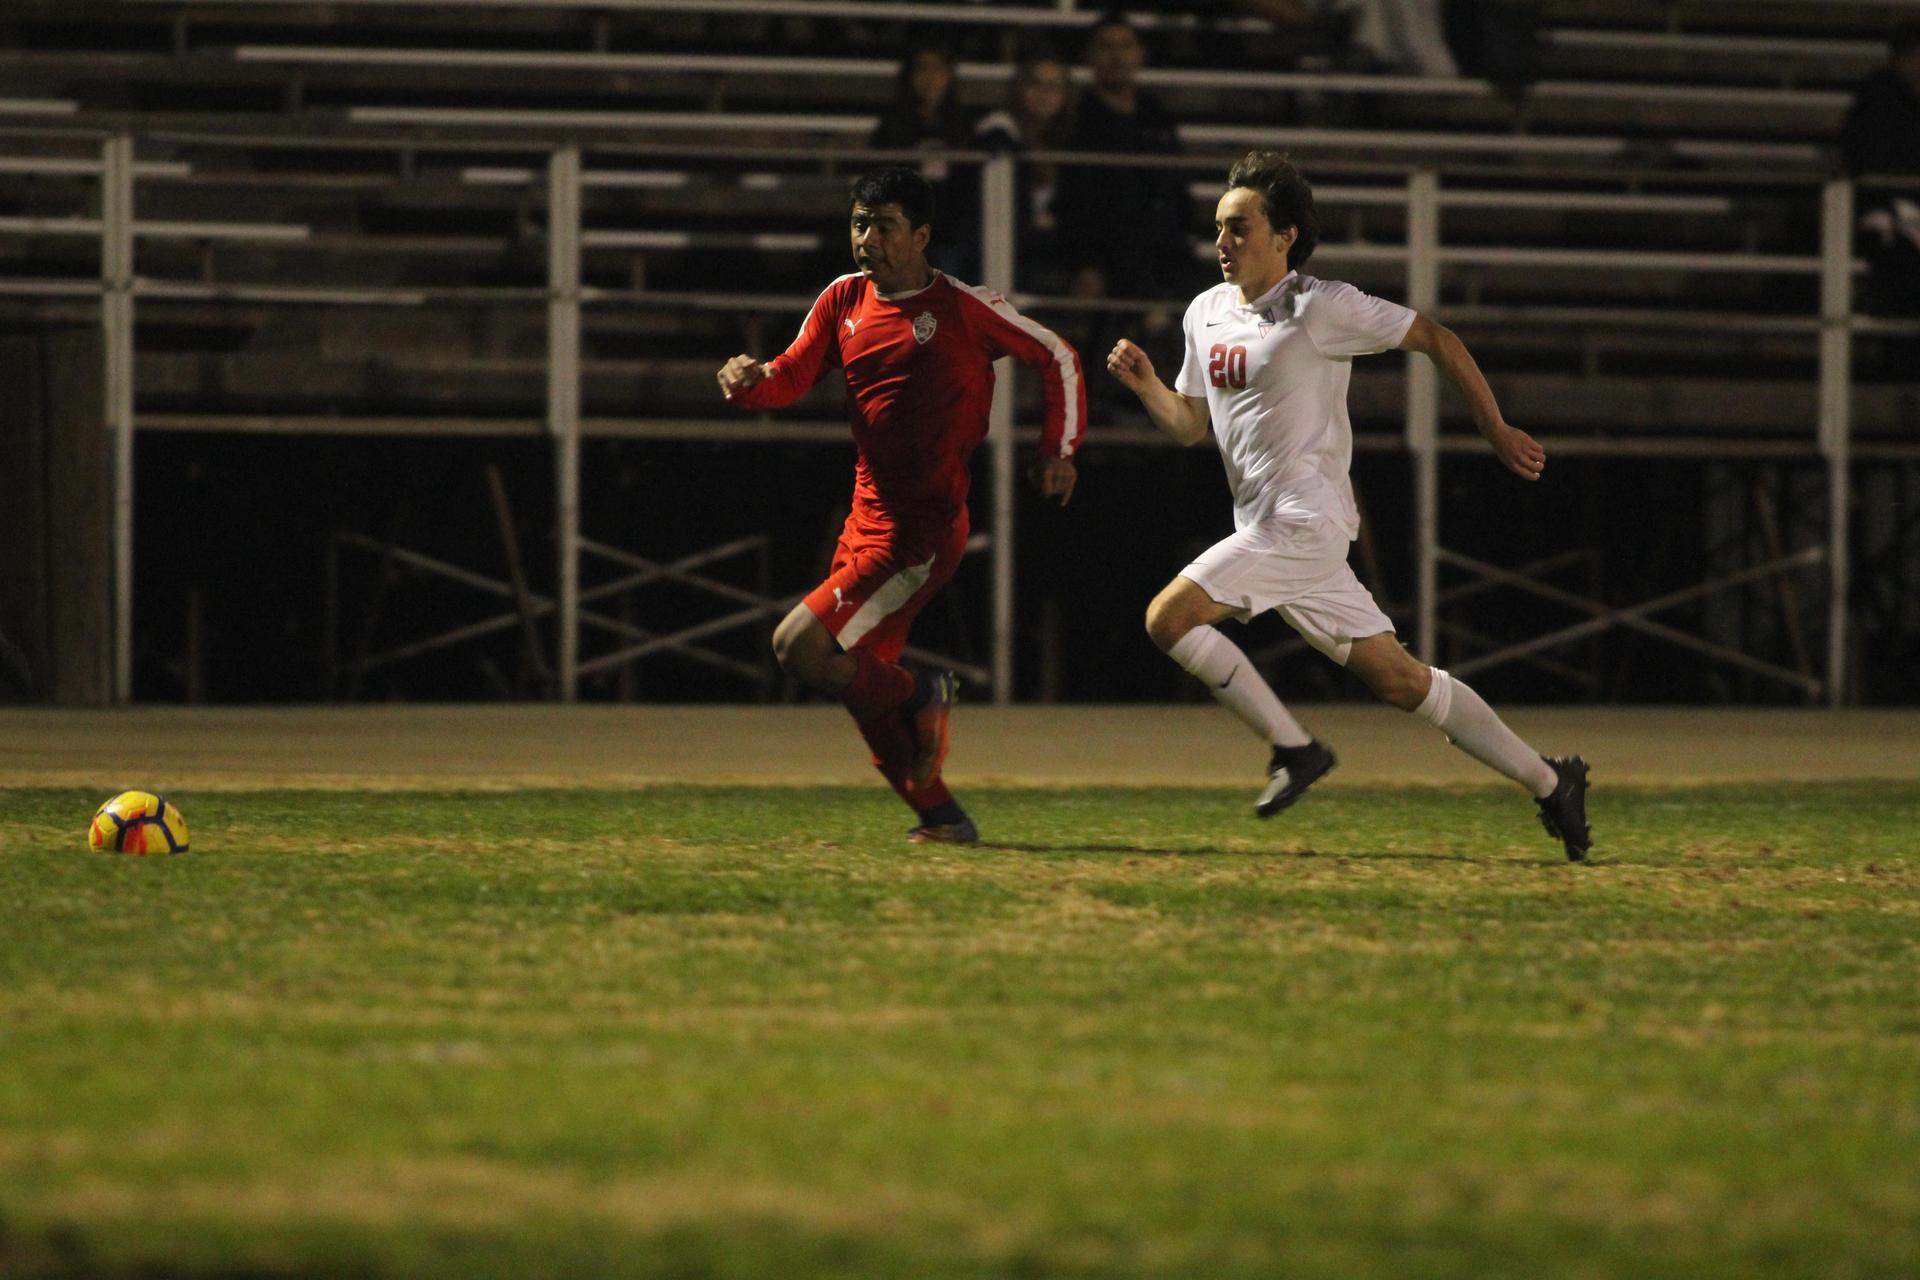 Cristobal Galvan running to the ball